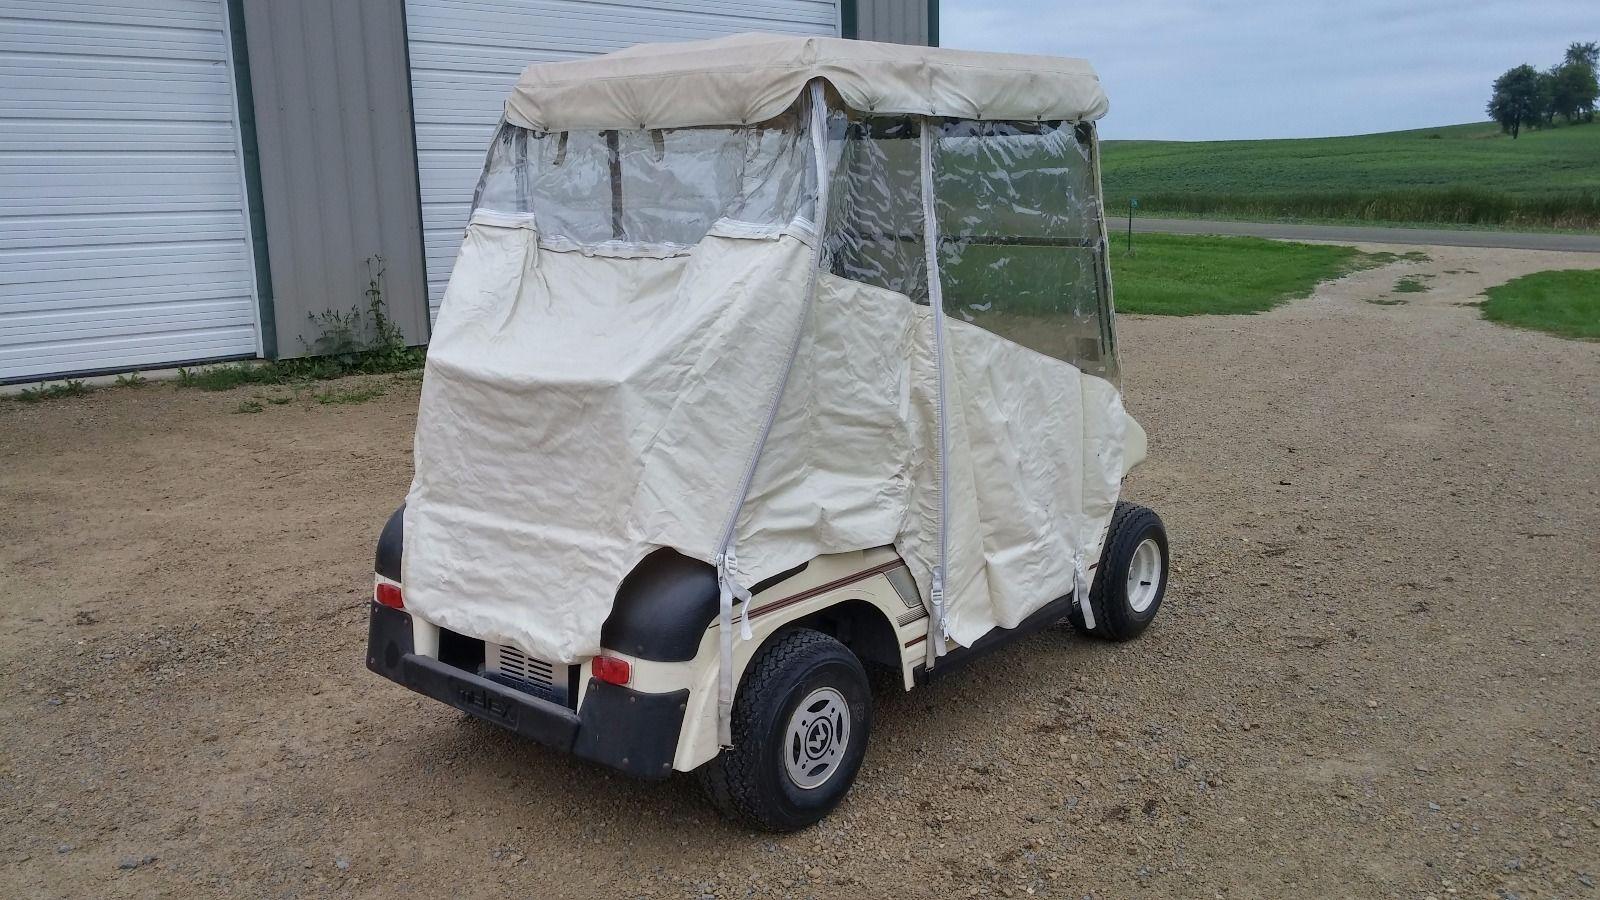 Melex Golf Cart Keys on michigan state golf cart, komatsu golf cart, custom golf cart, homemade golf cart, otis golf cart, hummer golf cart, mg golf cart, international golf cart, kohler golf cart, antique looking golf cart, case golf cart, ez-go golf cart, crosley golf cart, solorider golf cart, westinghouse golf cart, onan golf cart, harley davidson golf cart, ferrari golf cart, coleman golf cart, taylor-dunn golf cart,